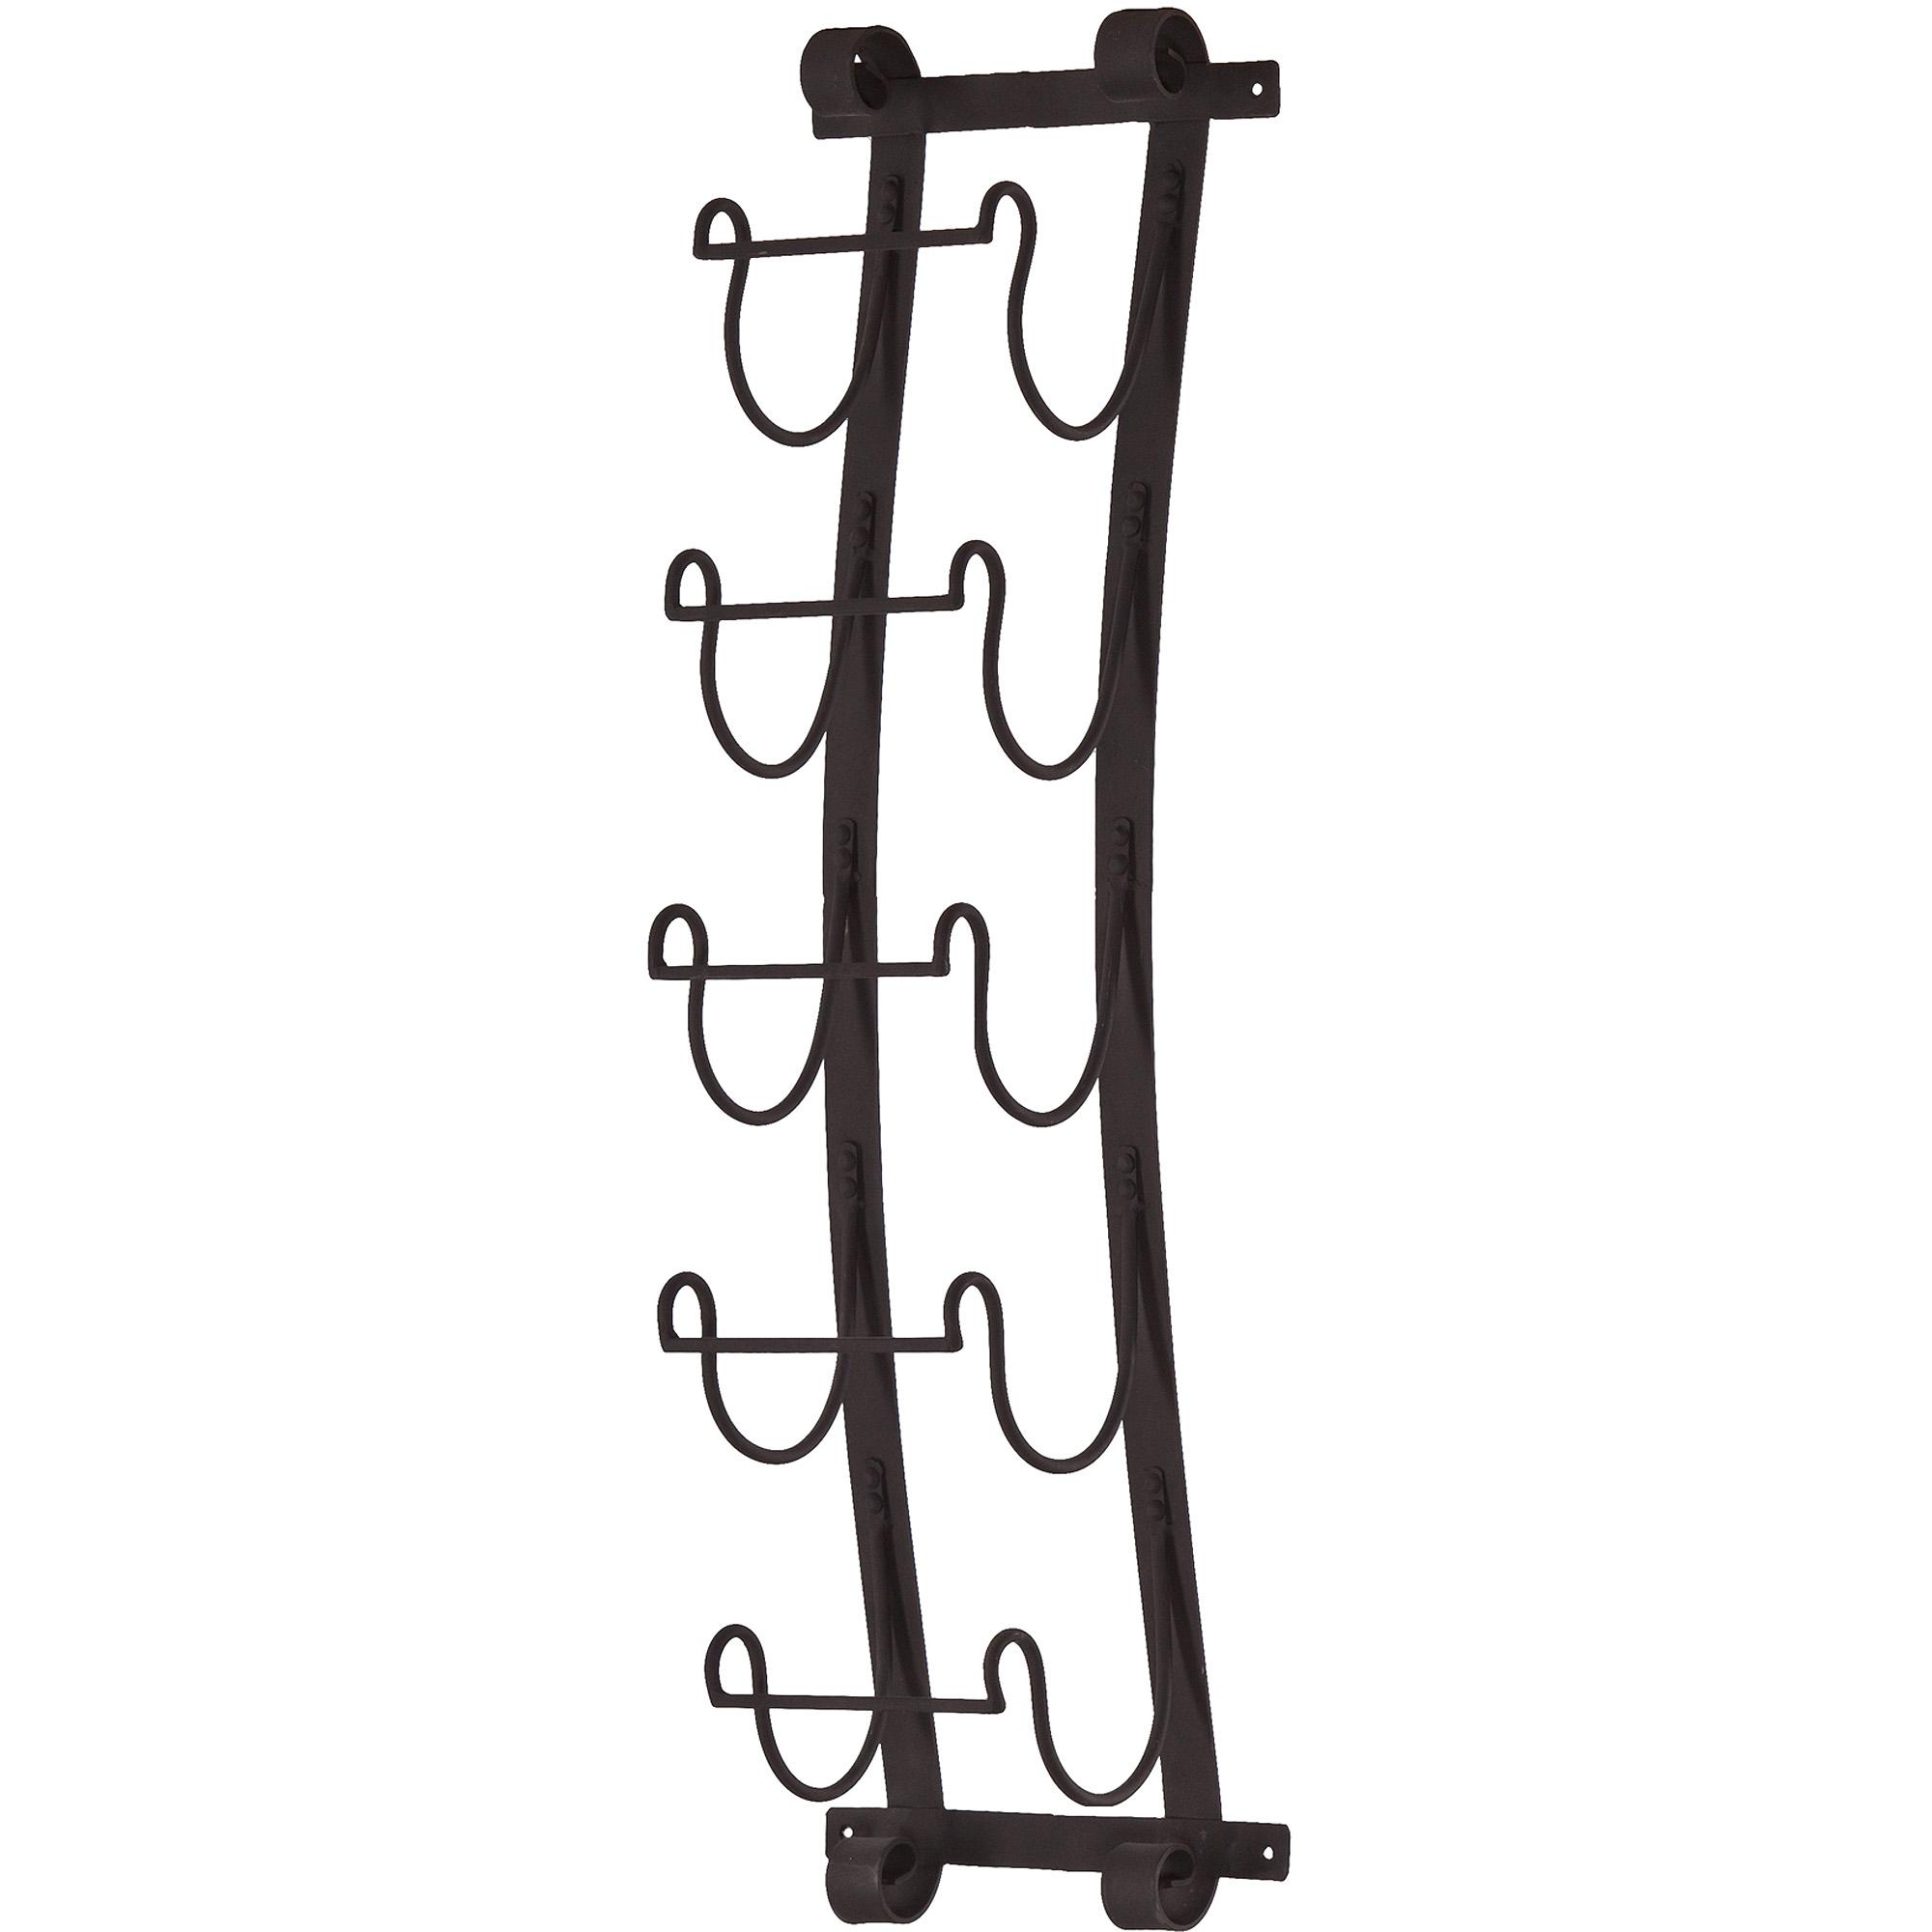 kendt wall mount wine rack  walmartcom -